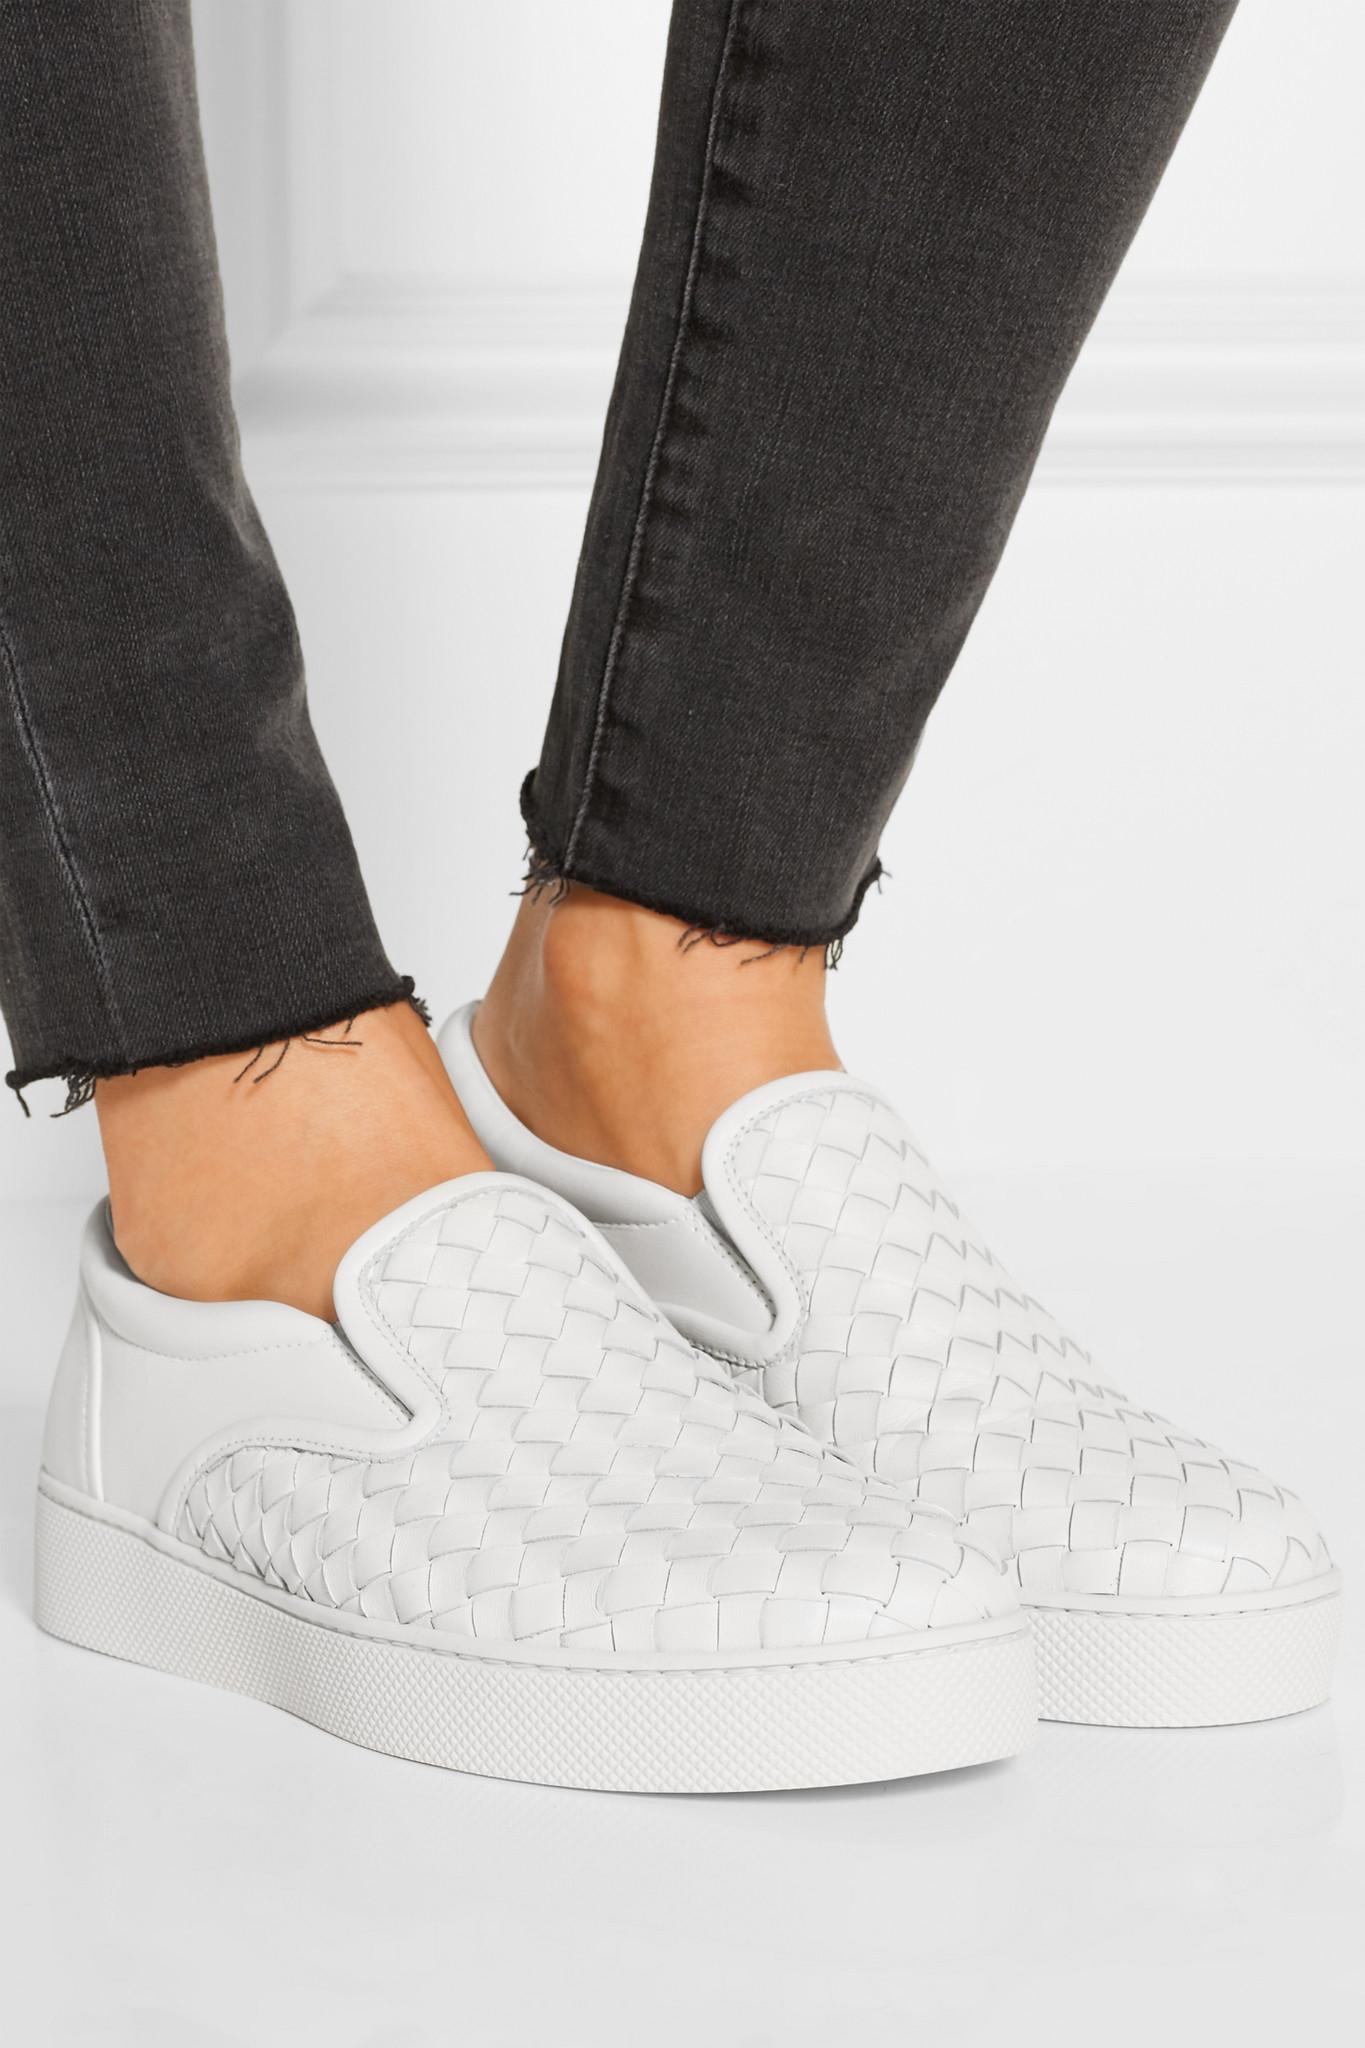 7229989f651d Bottega Veneta Intrecciato Leather Slip-on Sneakers in White - Lyst